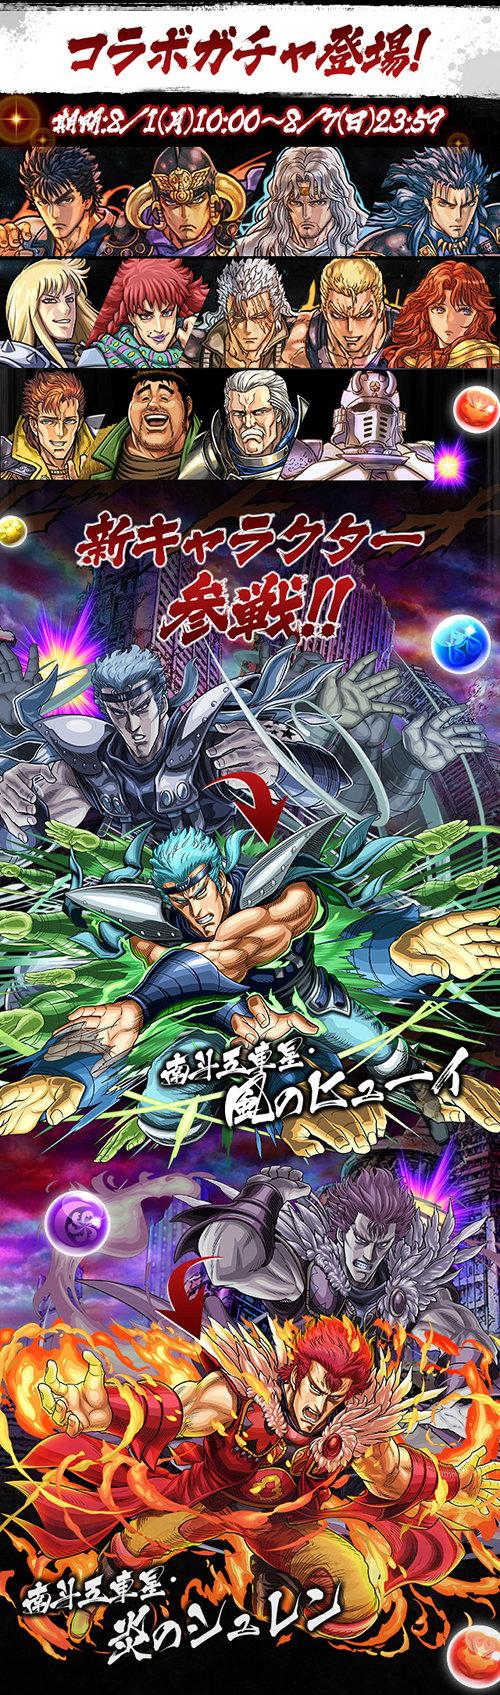 b686_hokutonoken_collabo160729_media2